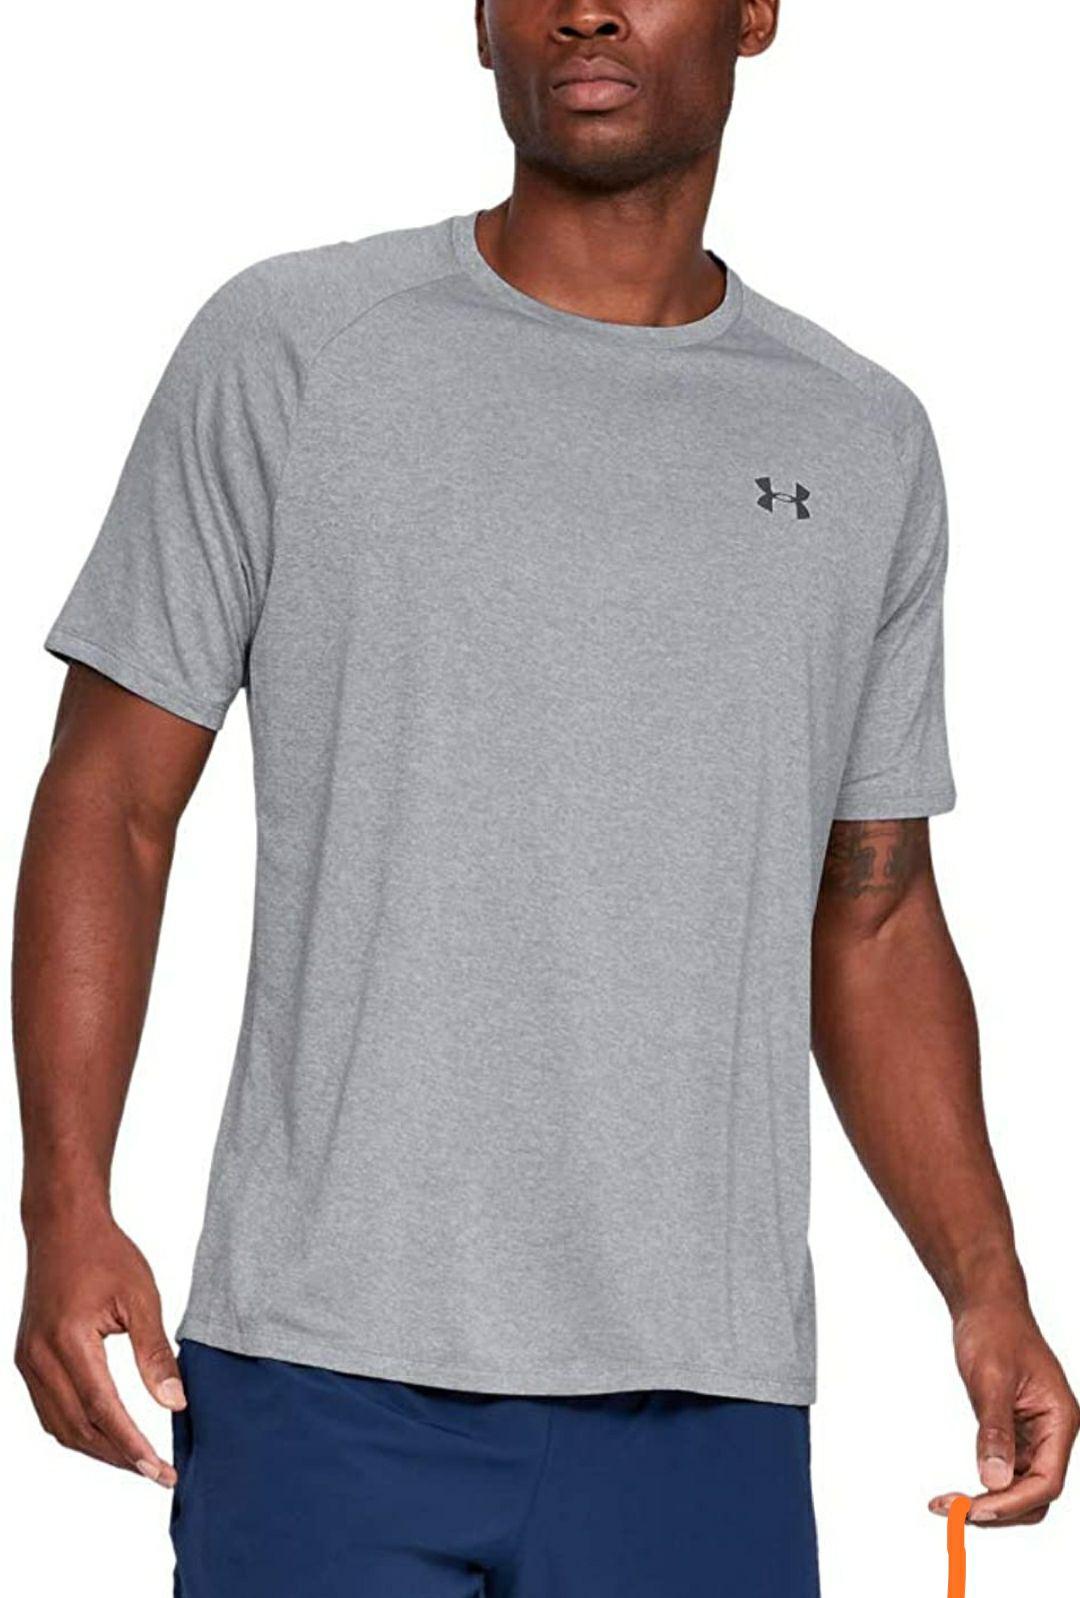 Camiseta Under Armour. Tallas S y M. Otros colores y tallas también a ese precio